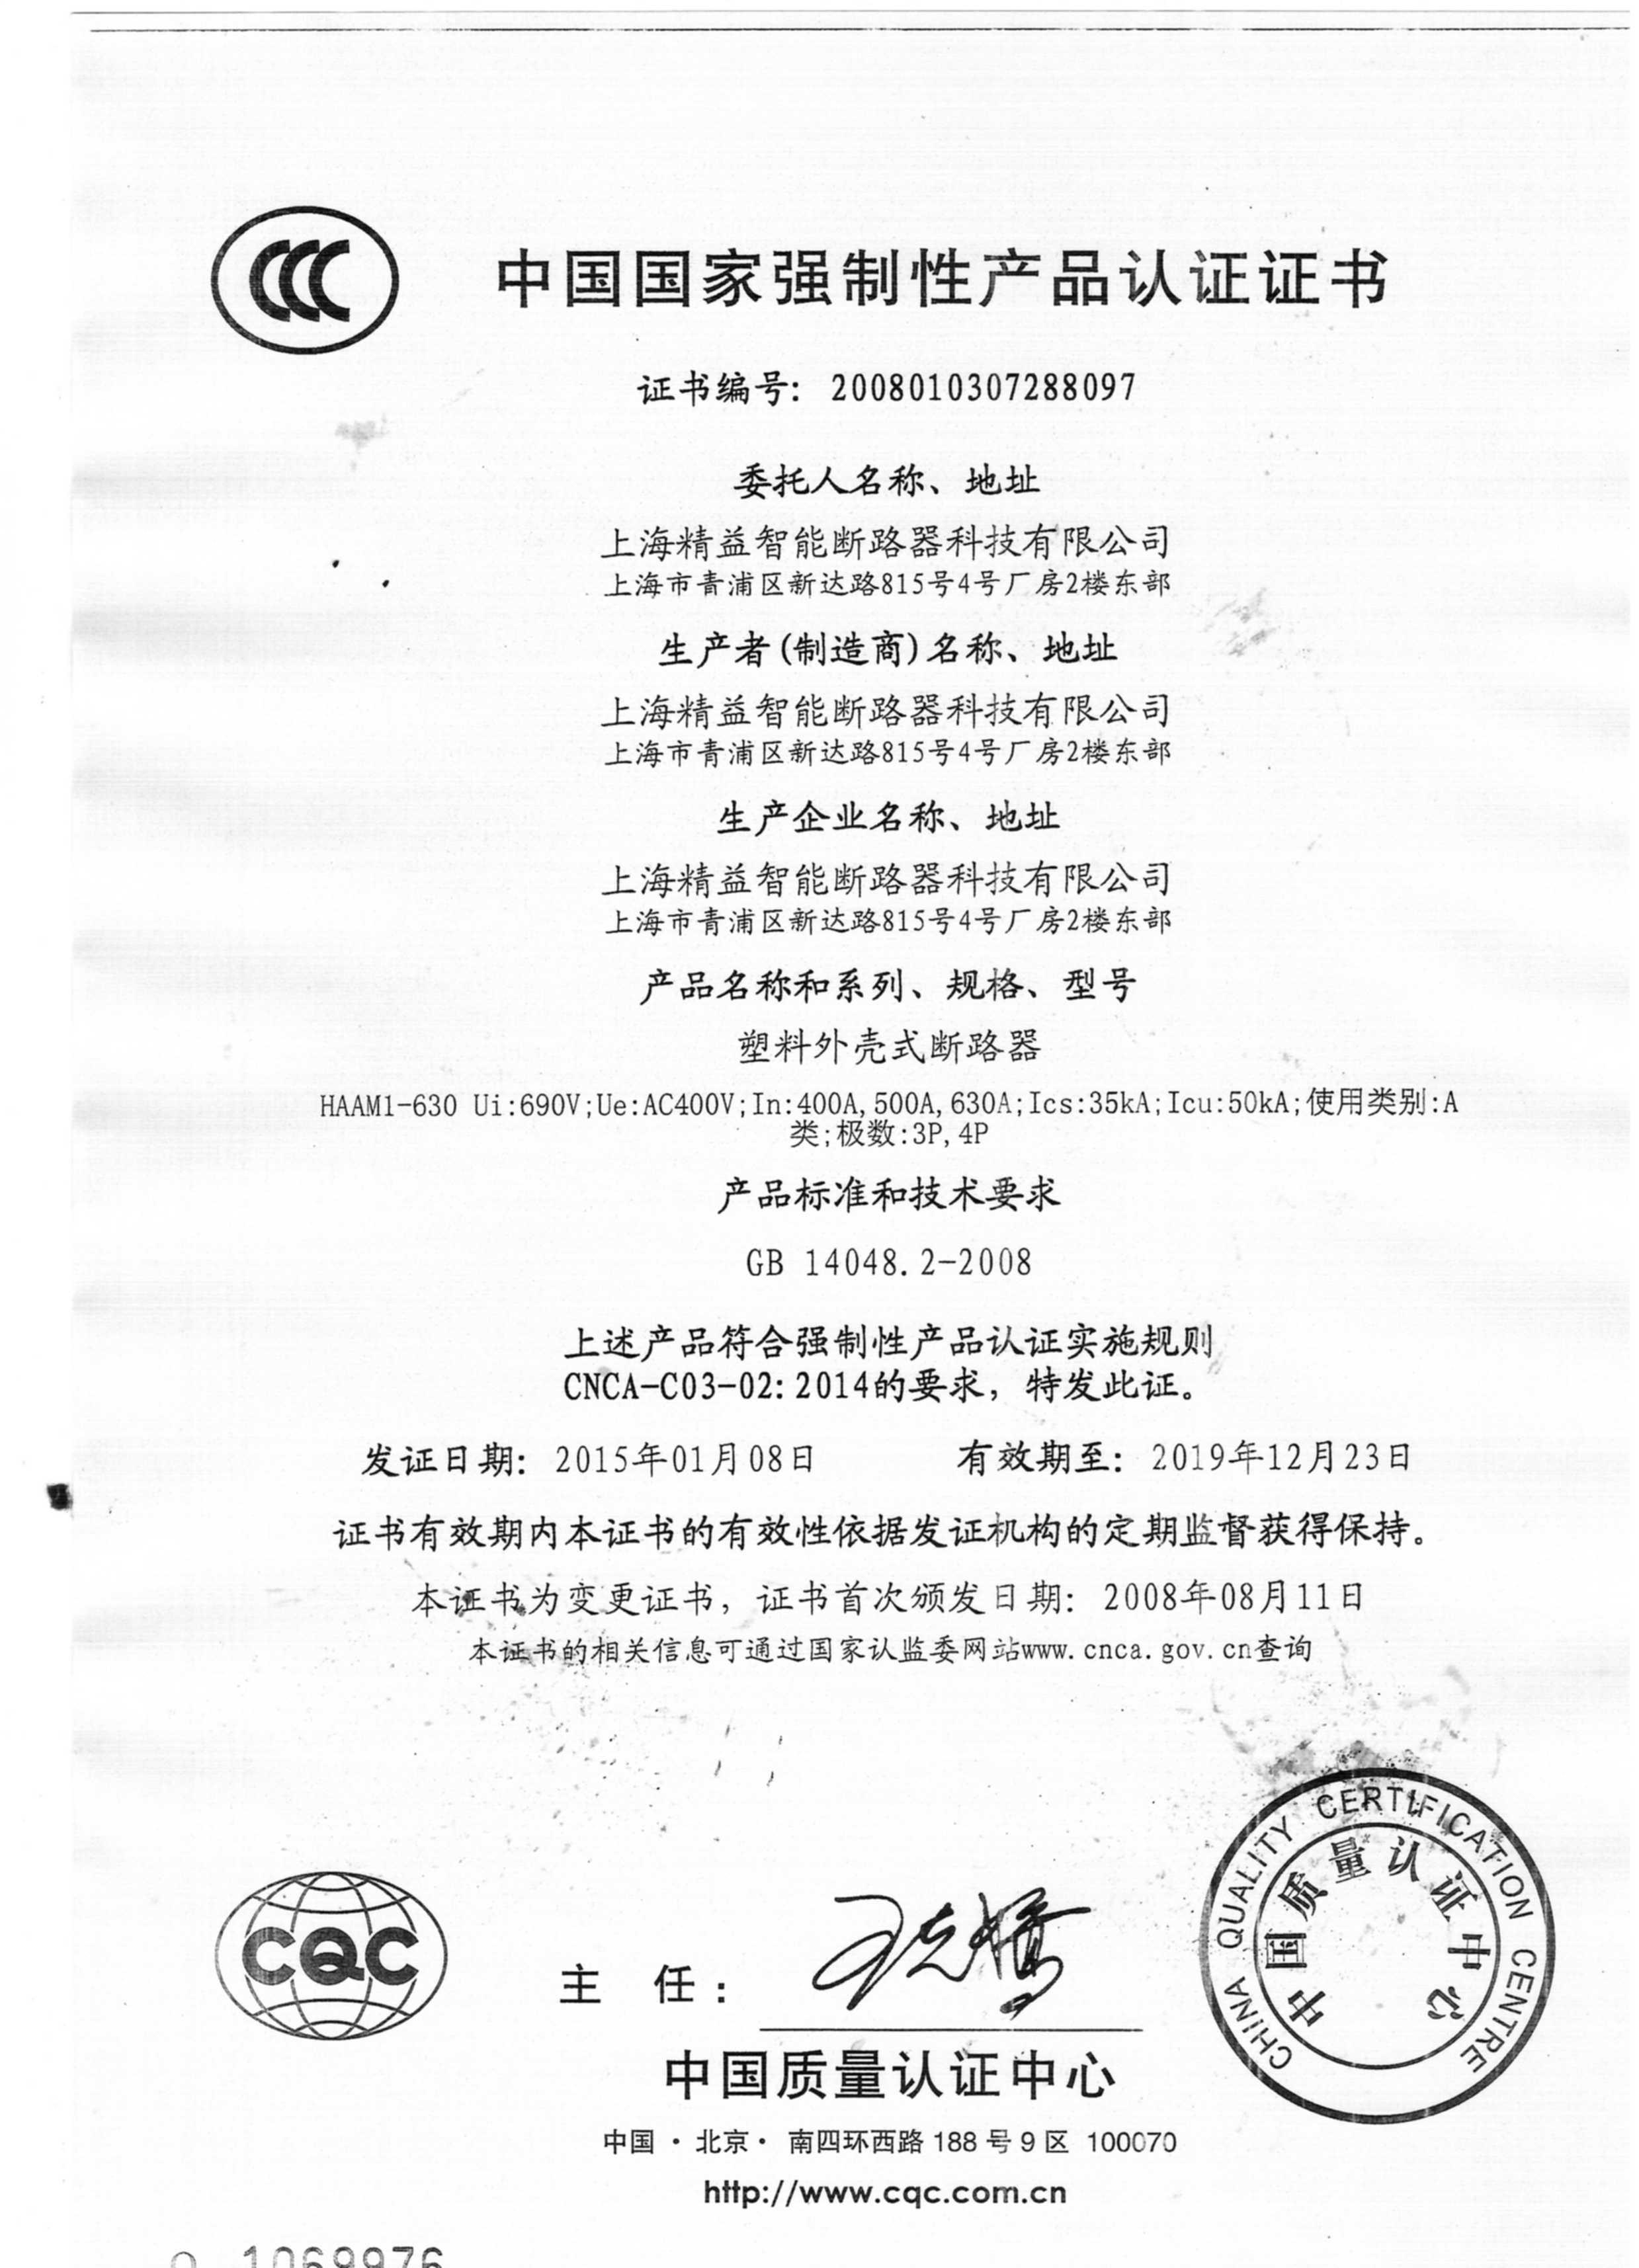 当前位置:首页 / 低压电器企业 / 上海精益智能断路器科技有限公司